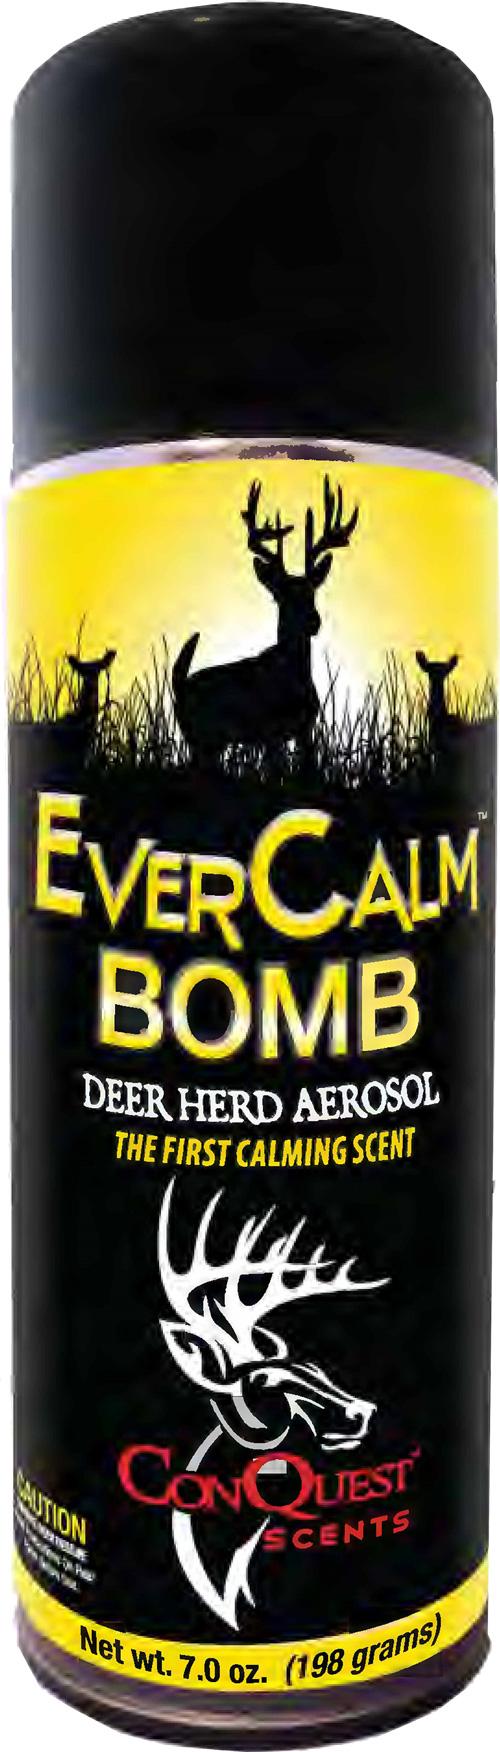 ConQuest EverCalm Bomb  <br>